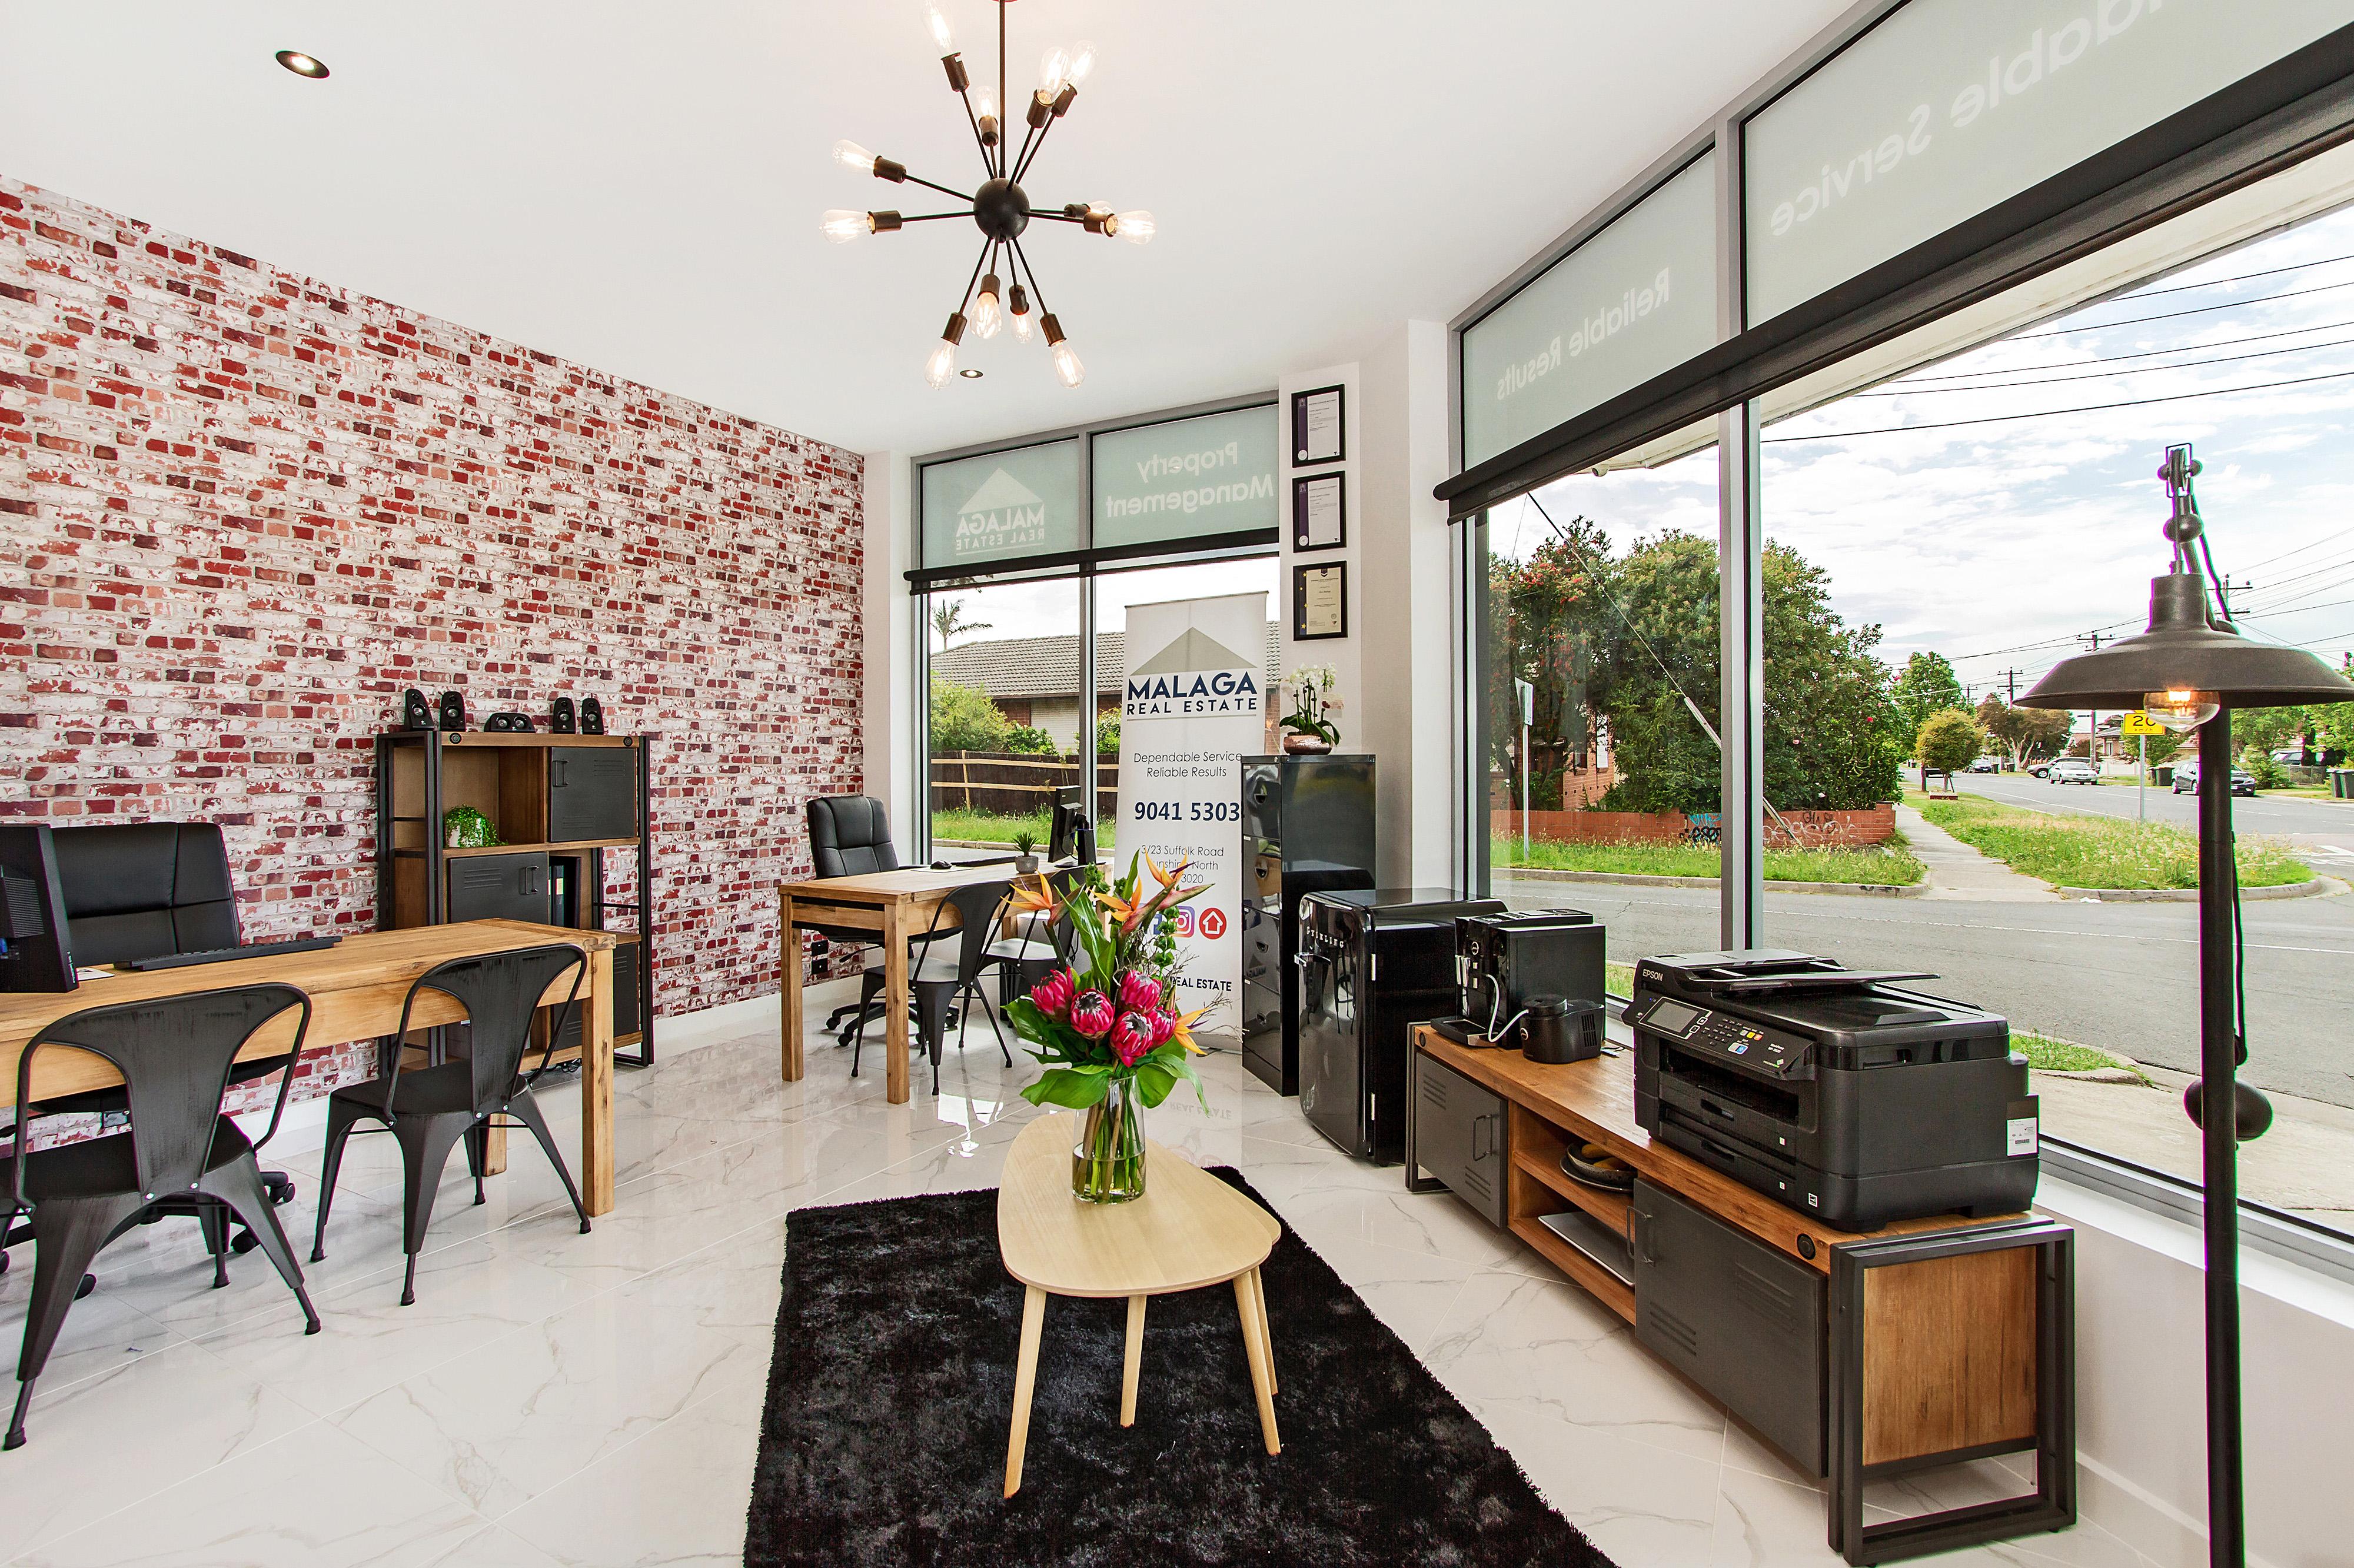 Real estate agent sunshine malaga real estate - Malaga real estate ...